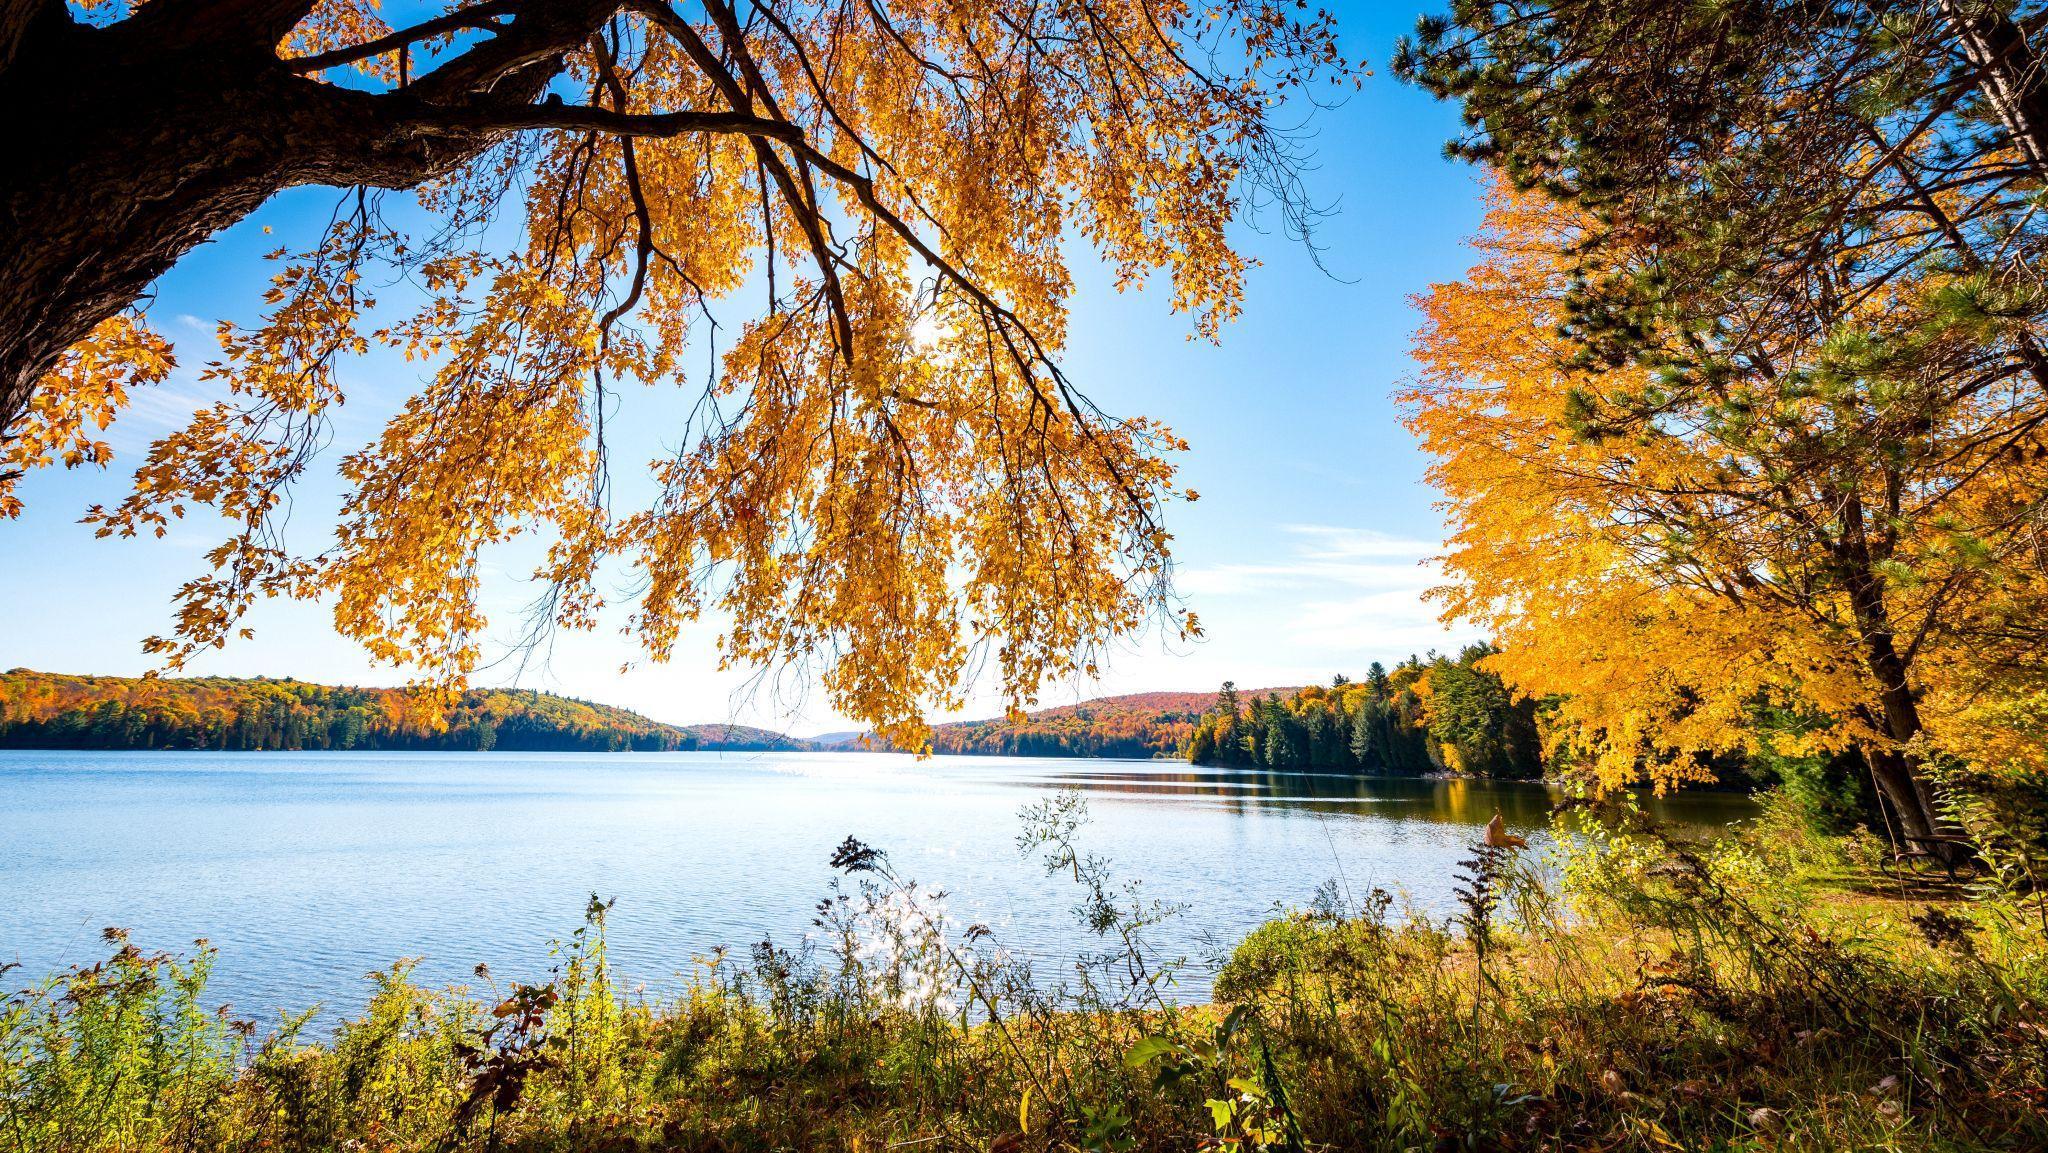 Le lac Philippe en automne avec des arbres au feuillage ocre et orangé en arrièreplan.